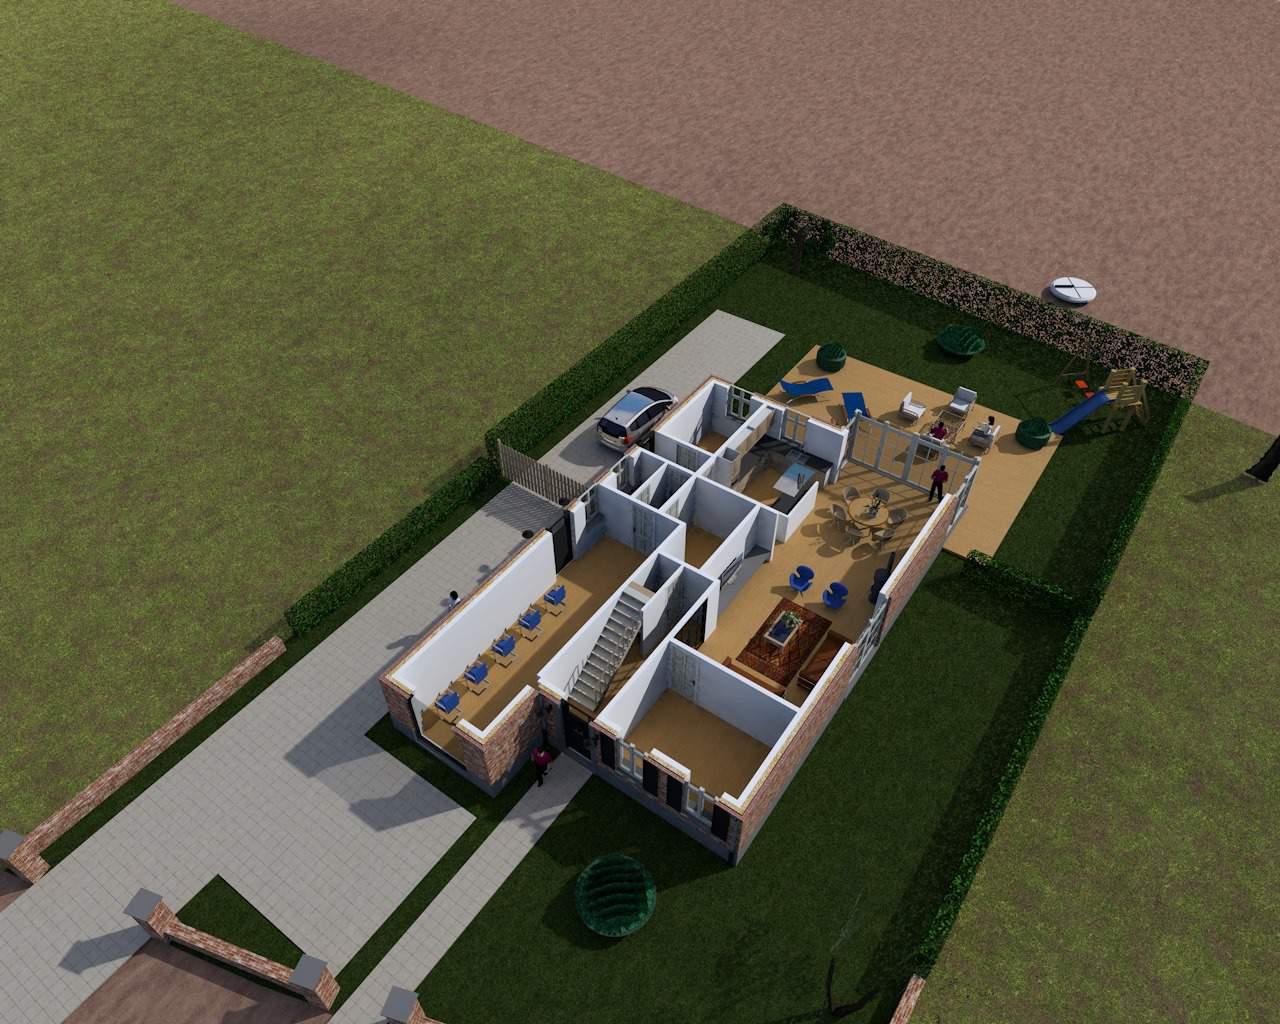 Detail afbeelding 4 van S & C   –   Gezinswoning met kapsalon   –   Genk | Ontwerp door architect Patrick Strackx